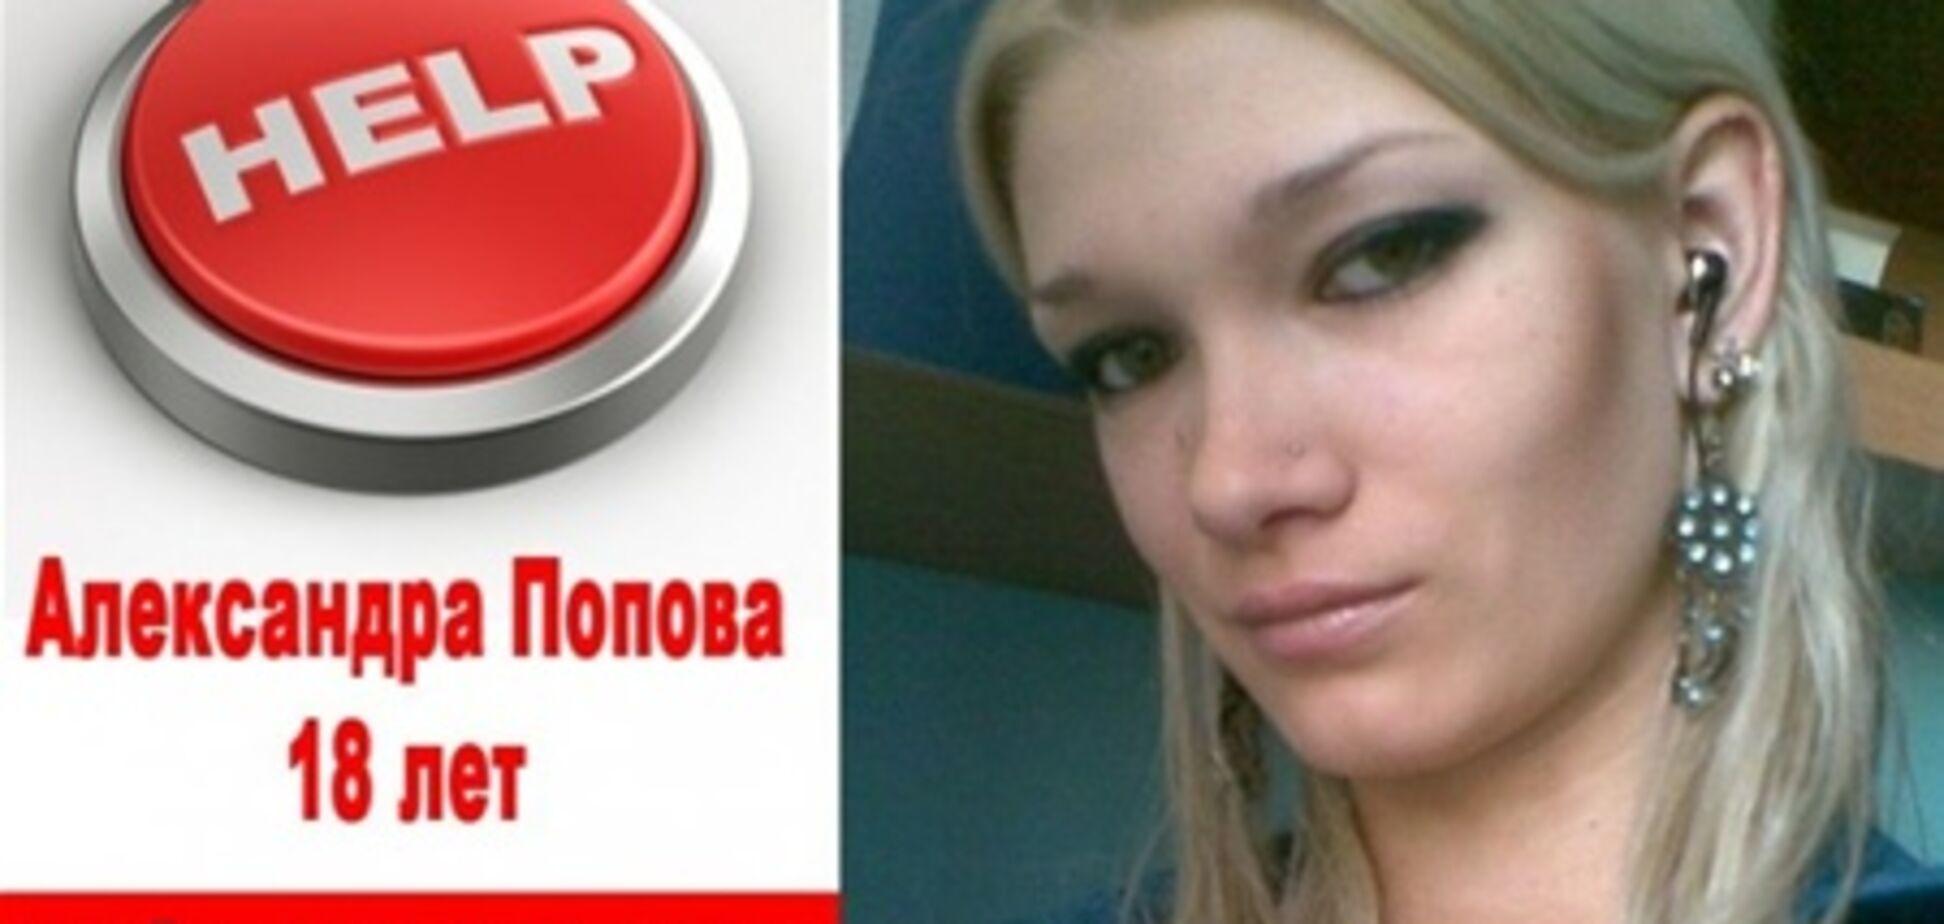 Жертва второго изнасилования в Николаеве до сих пор в коме